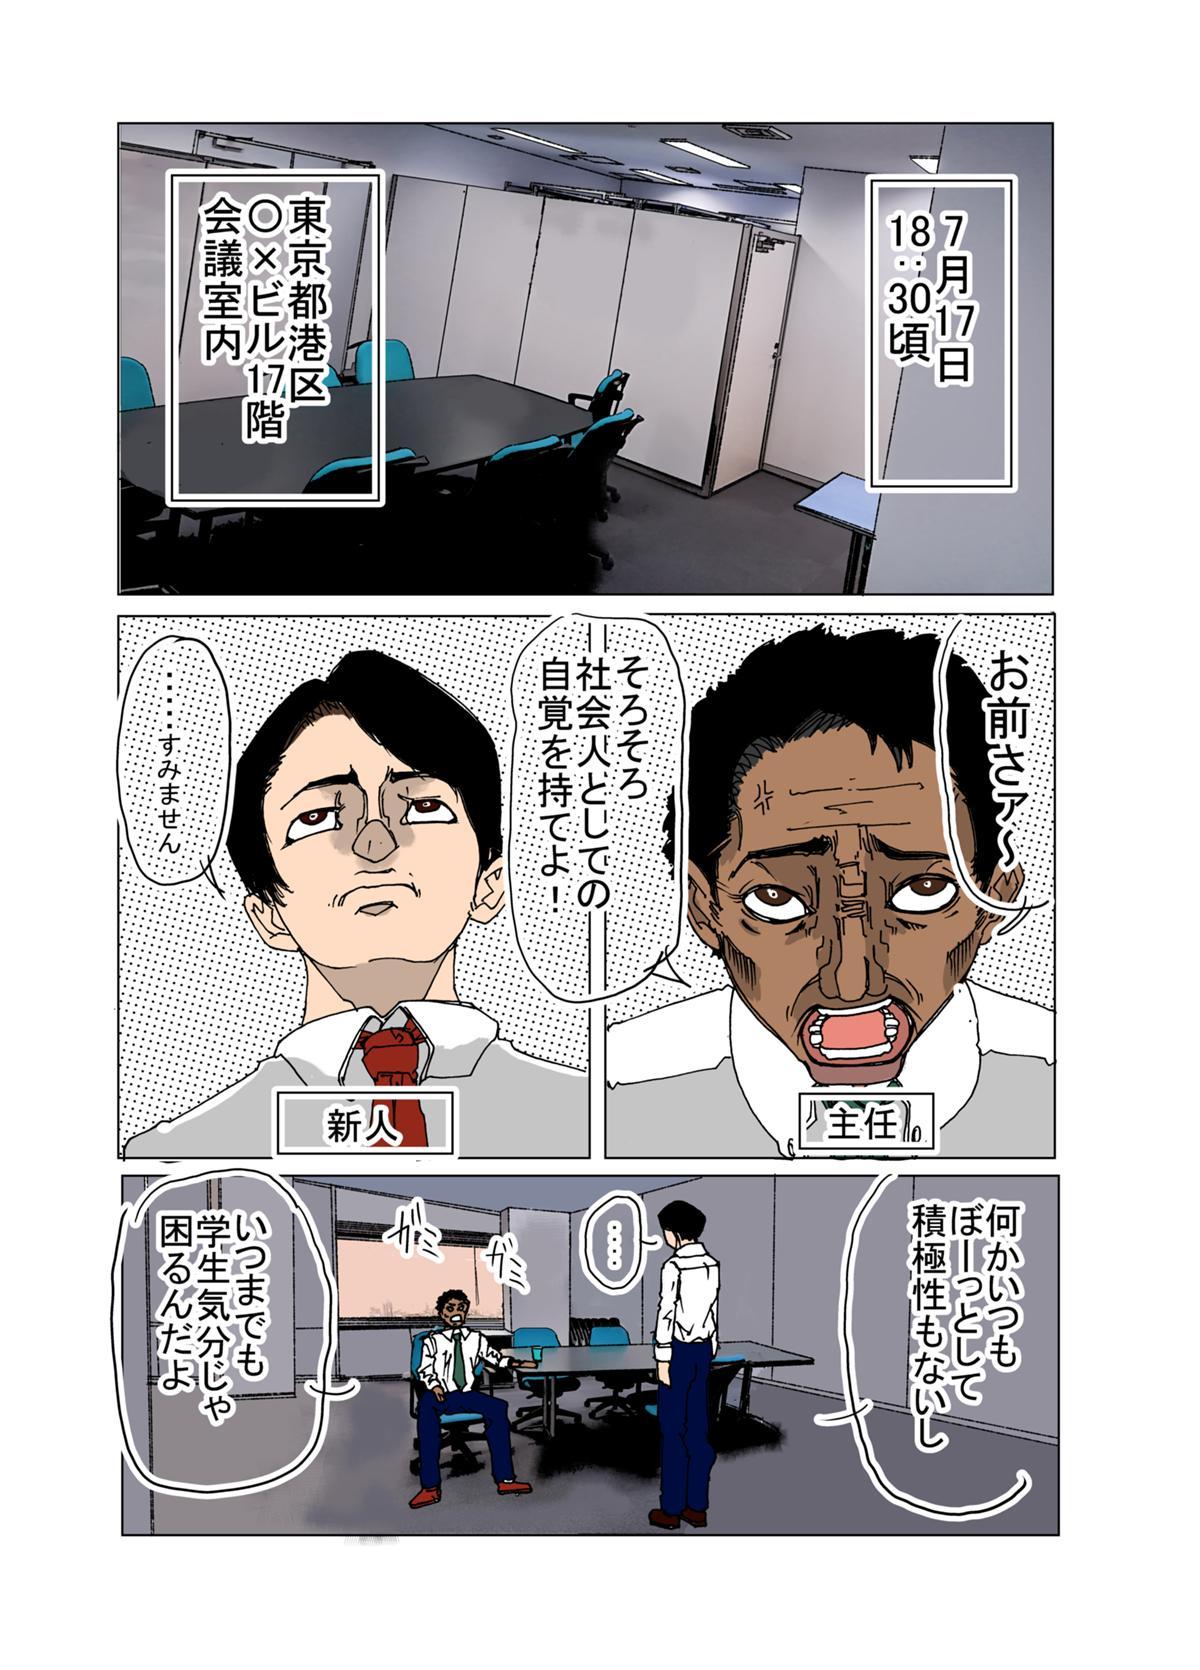 あくる日常の恐怖達 3話 - ジャンプルーキー!